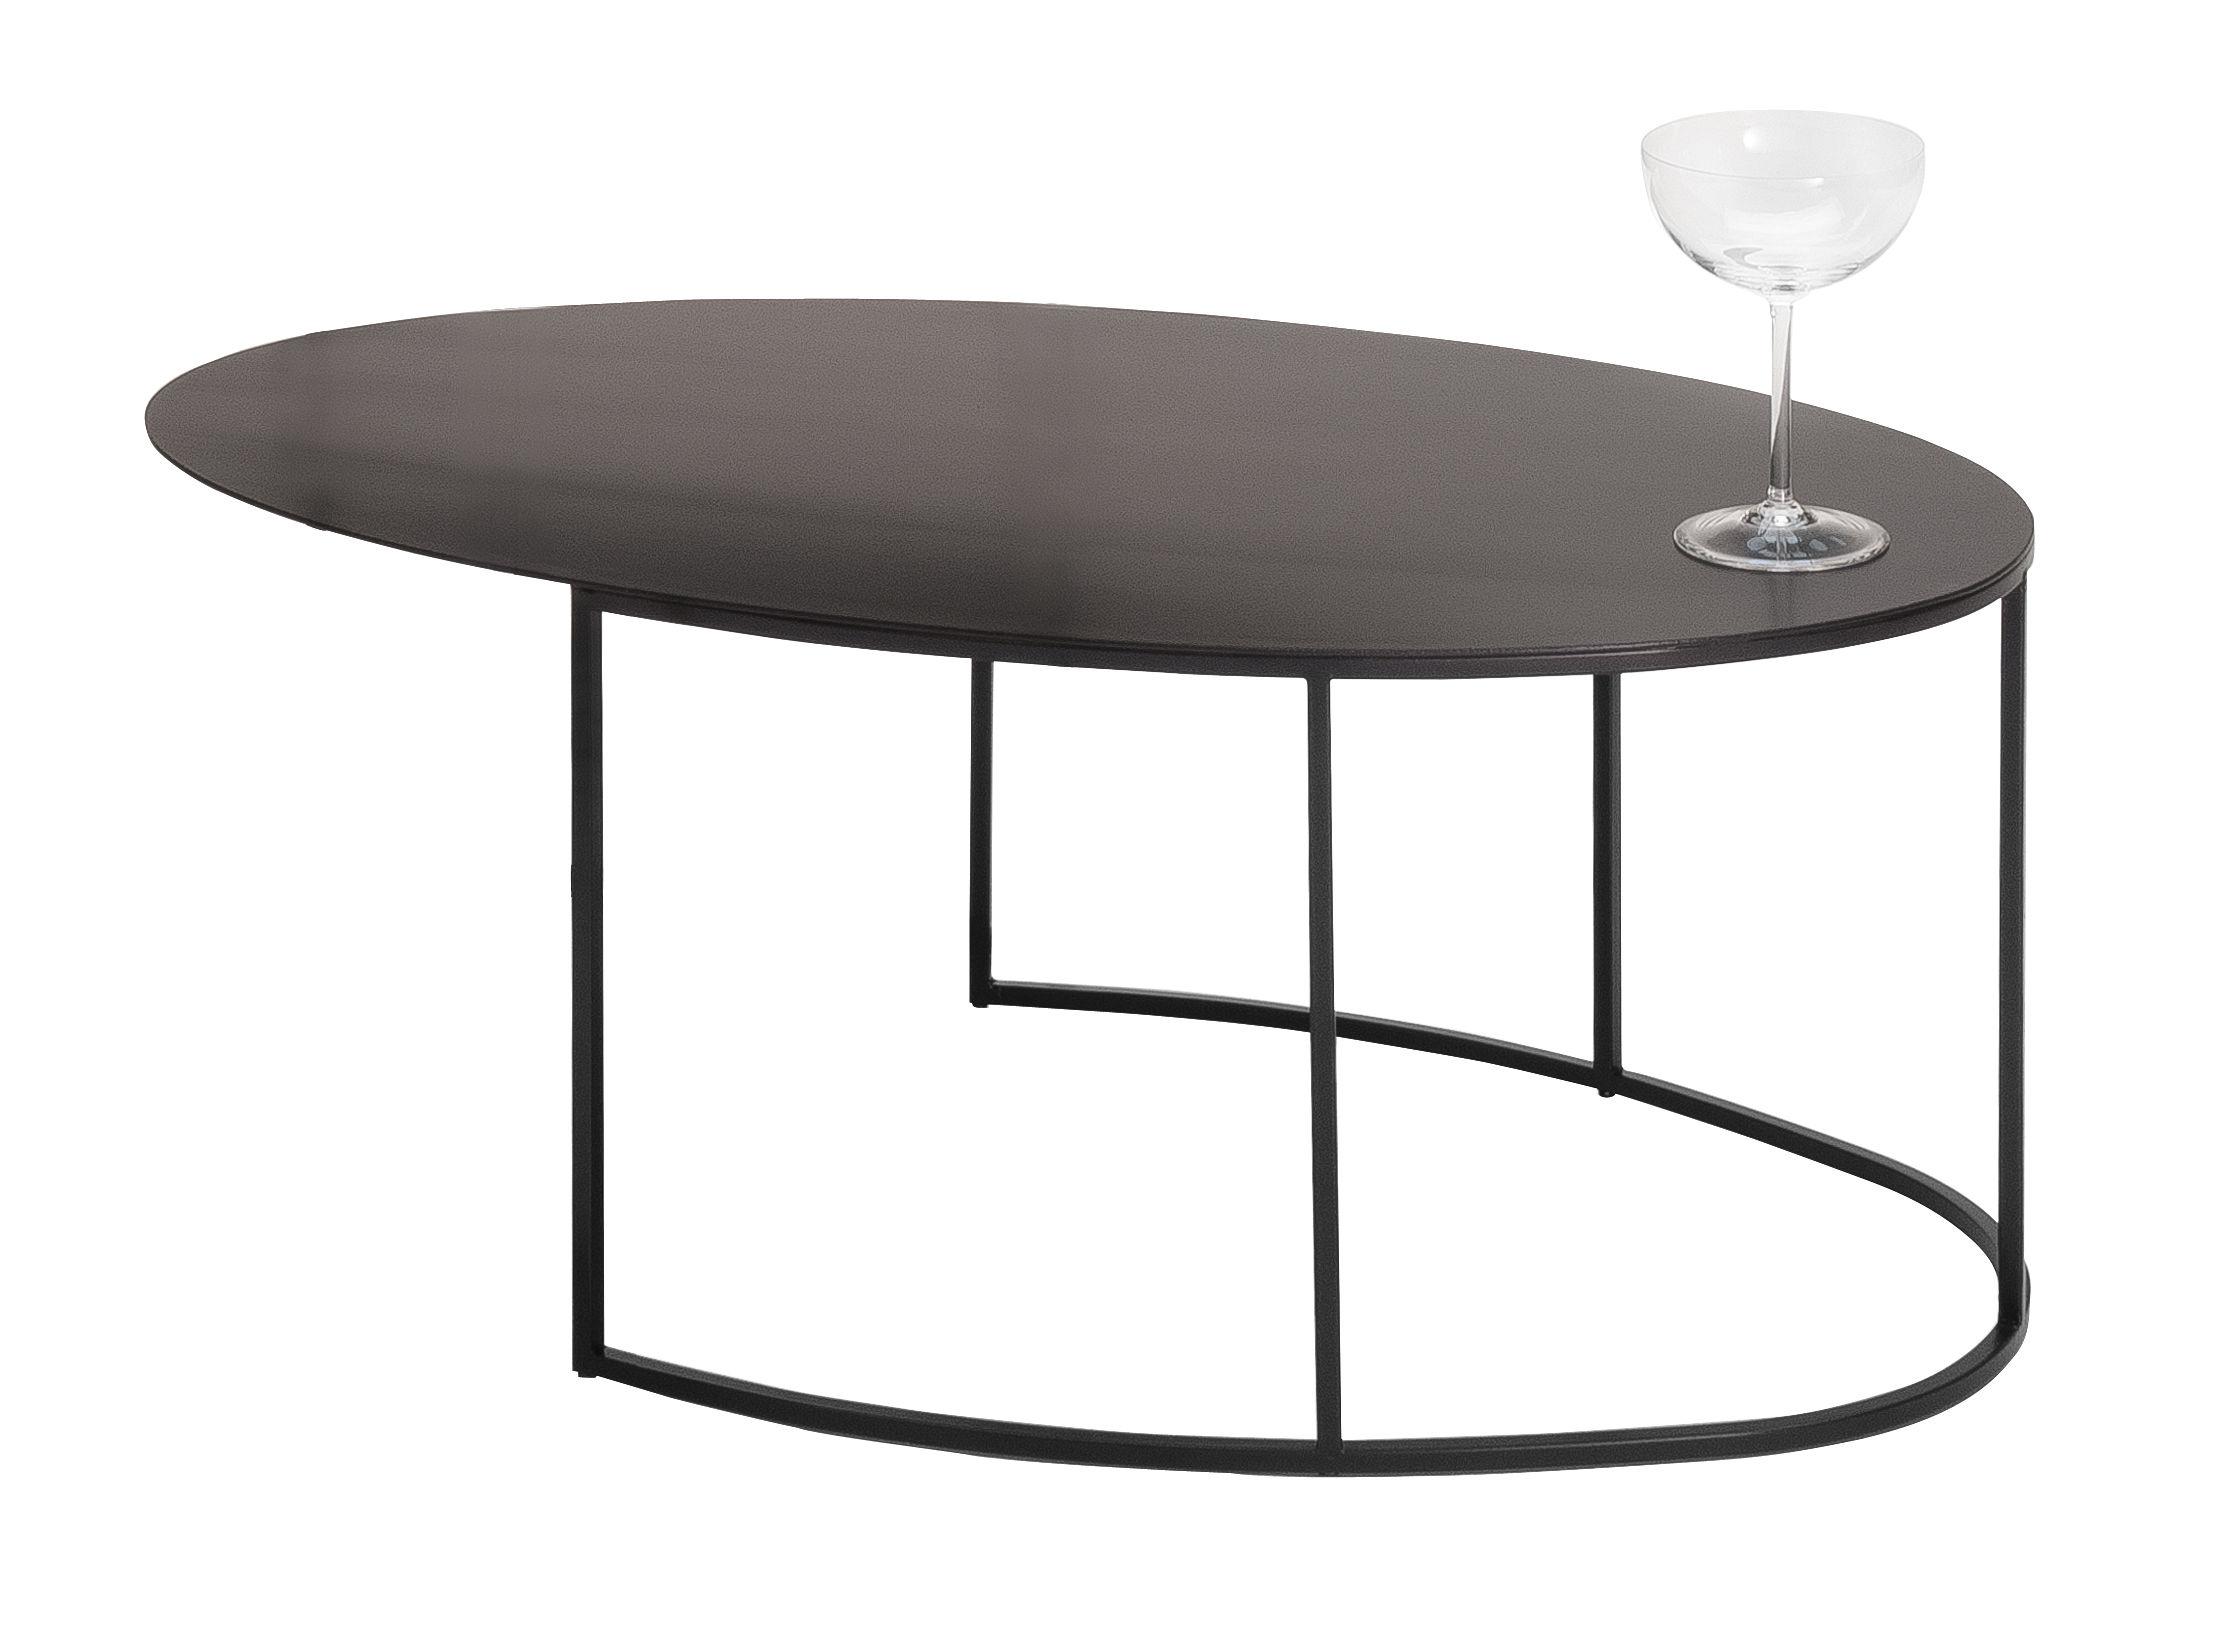 Mobilier - Tables basses - Table basse Slim Irony ovale / 70 x 42 H 29 cm - Zeus - Noir cuivré - Acier